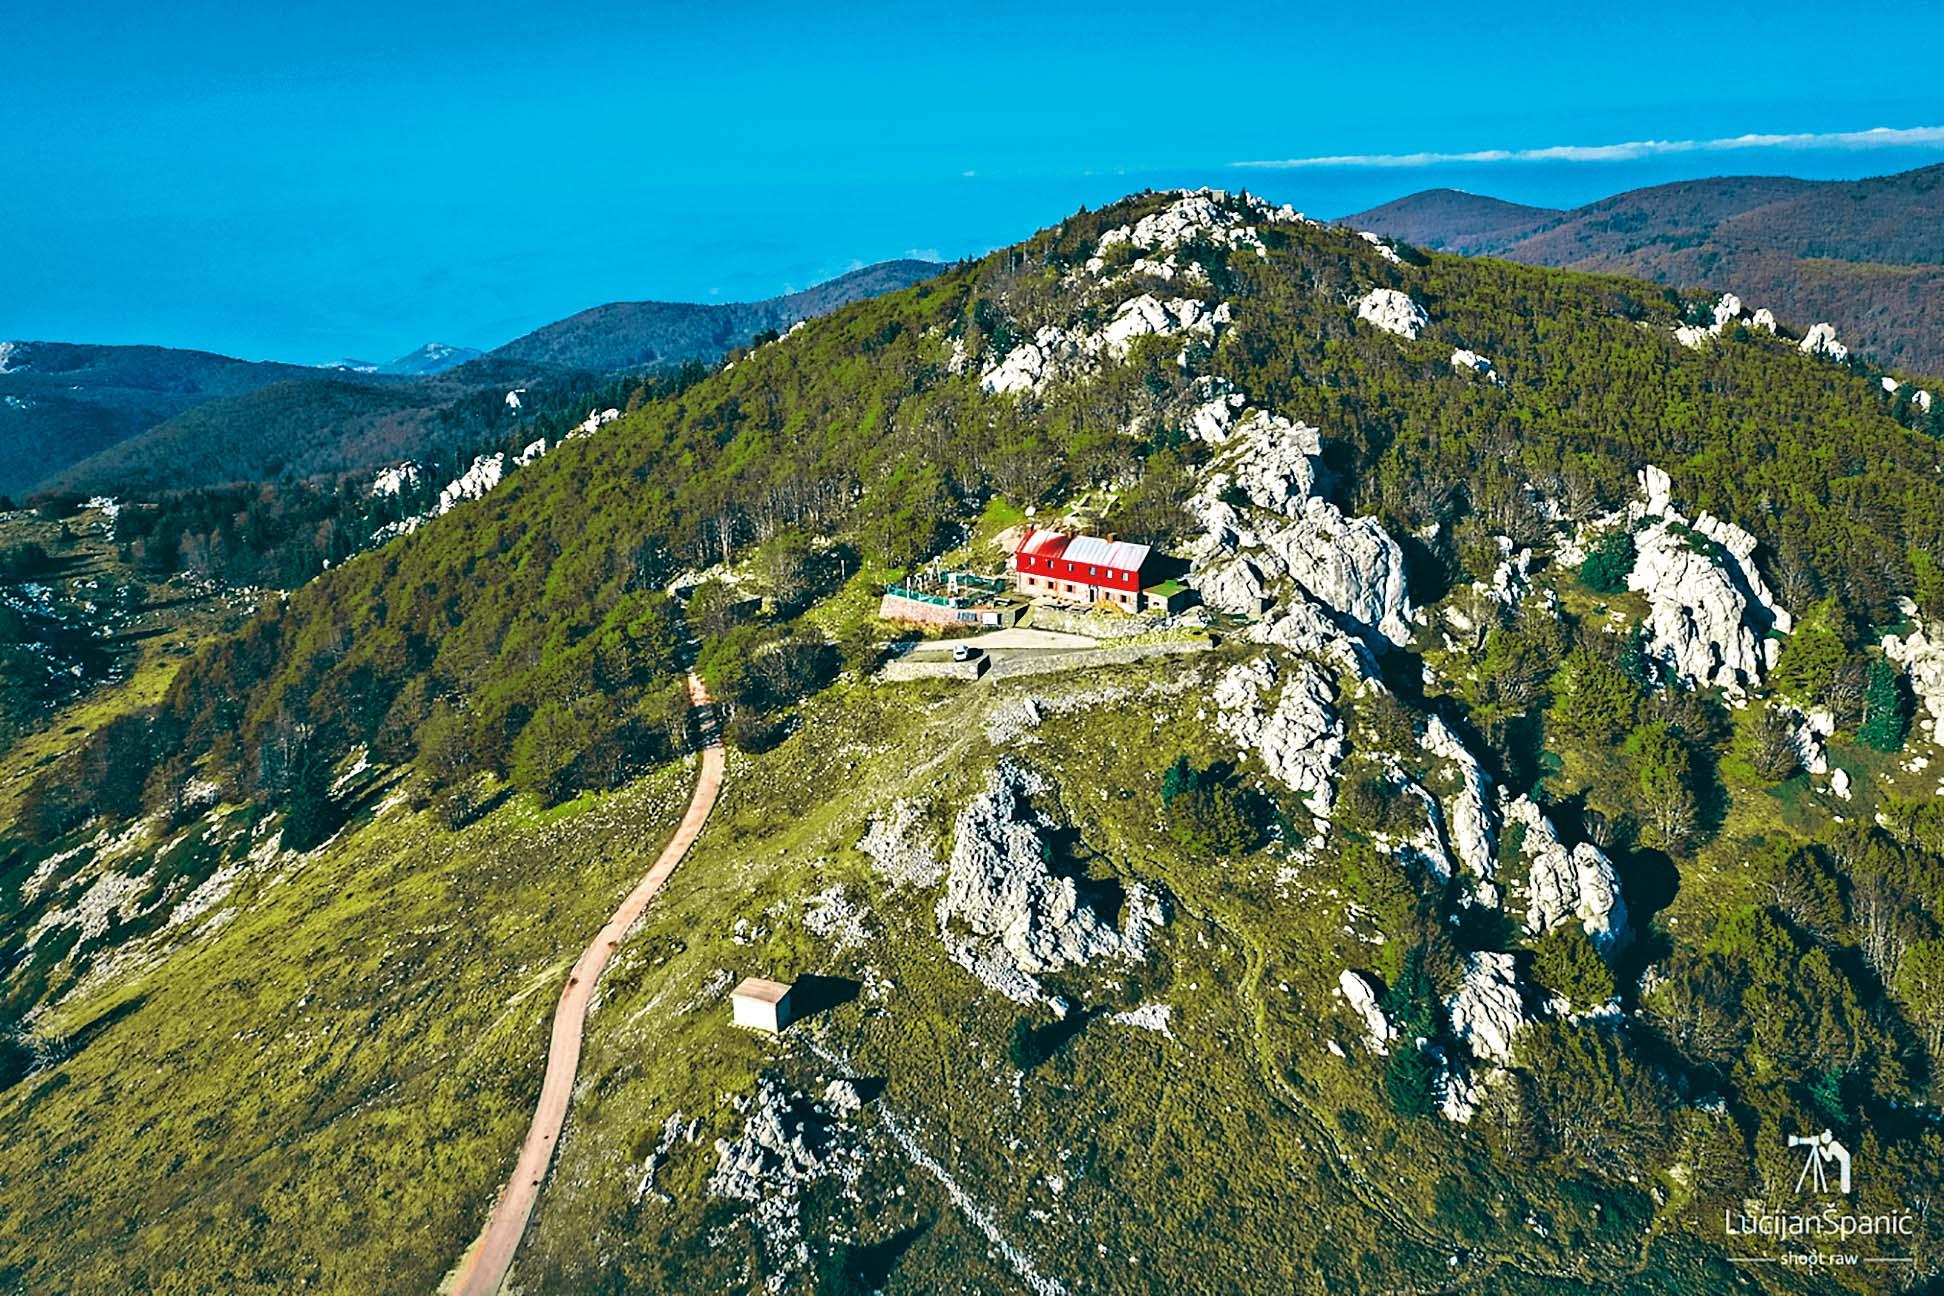 Planinarski dom na Zavižanu otvoren je cijele godine